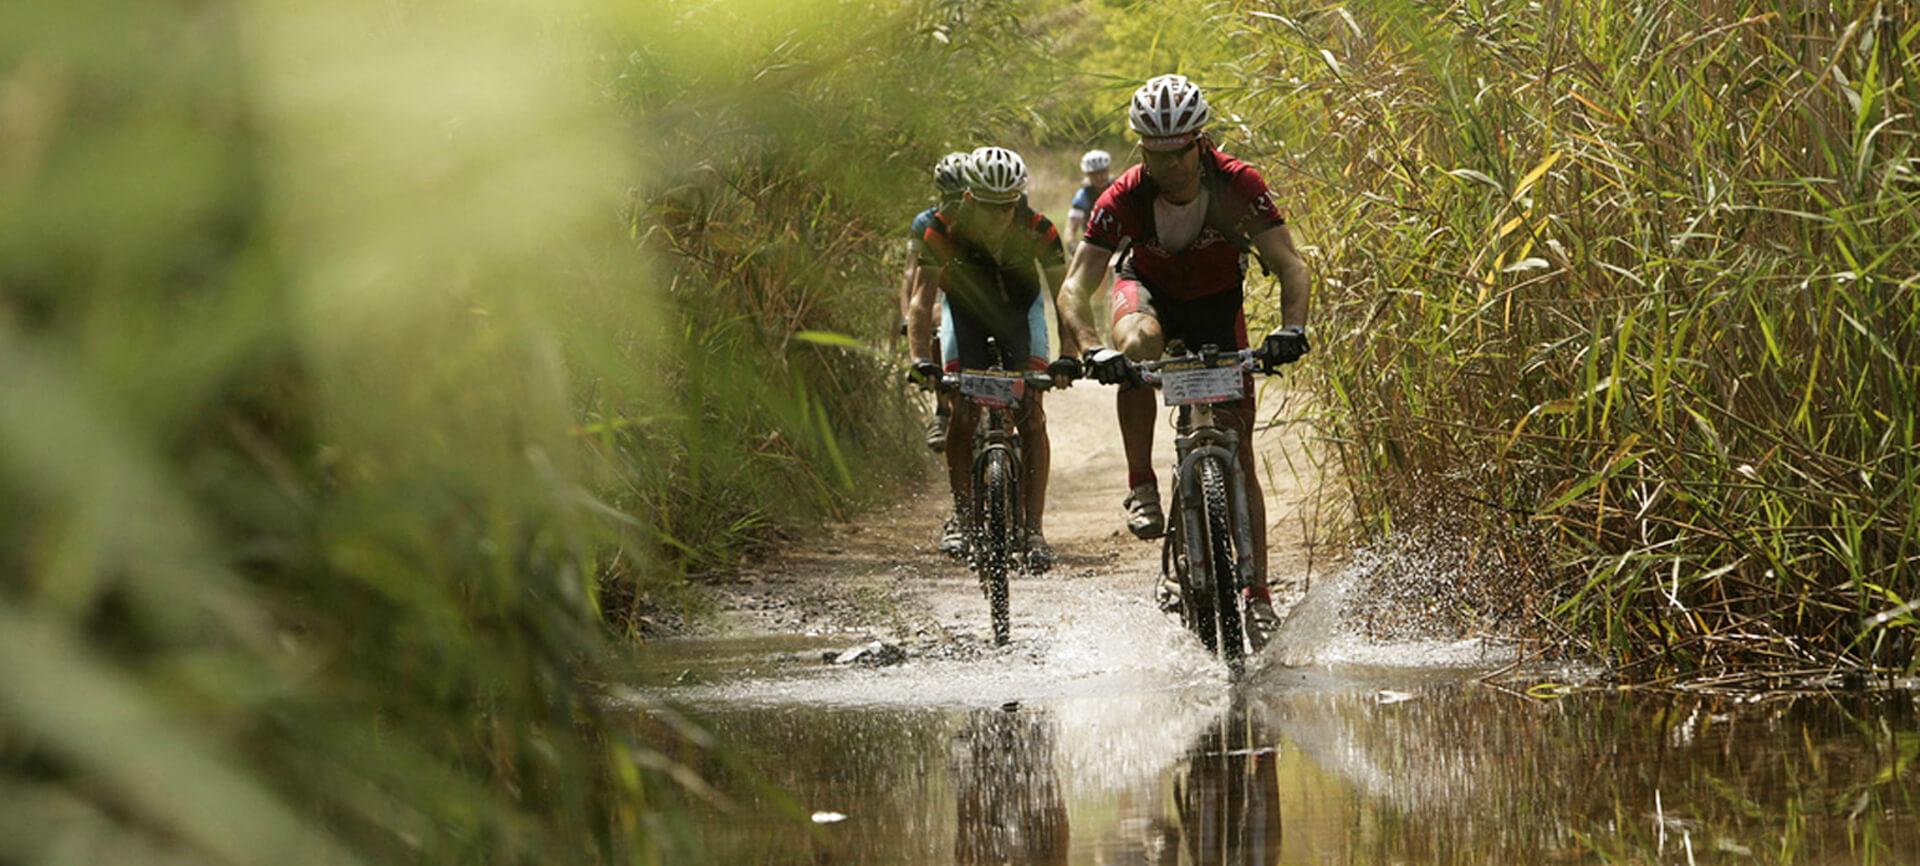 cosa-fare-in-maremma-locanda-terenzi-bicicletta